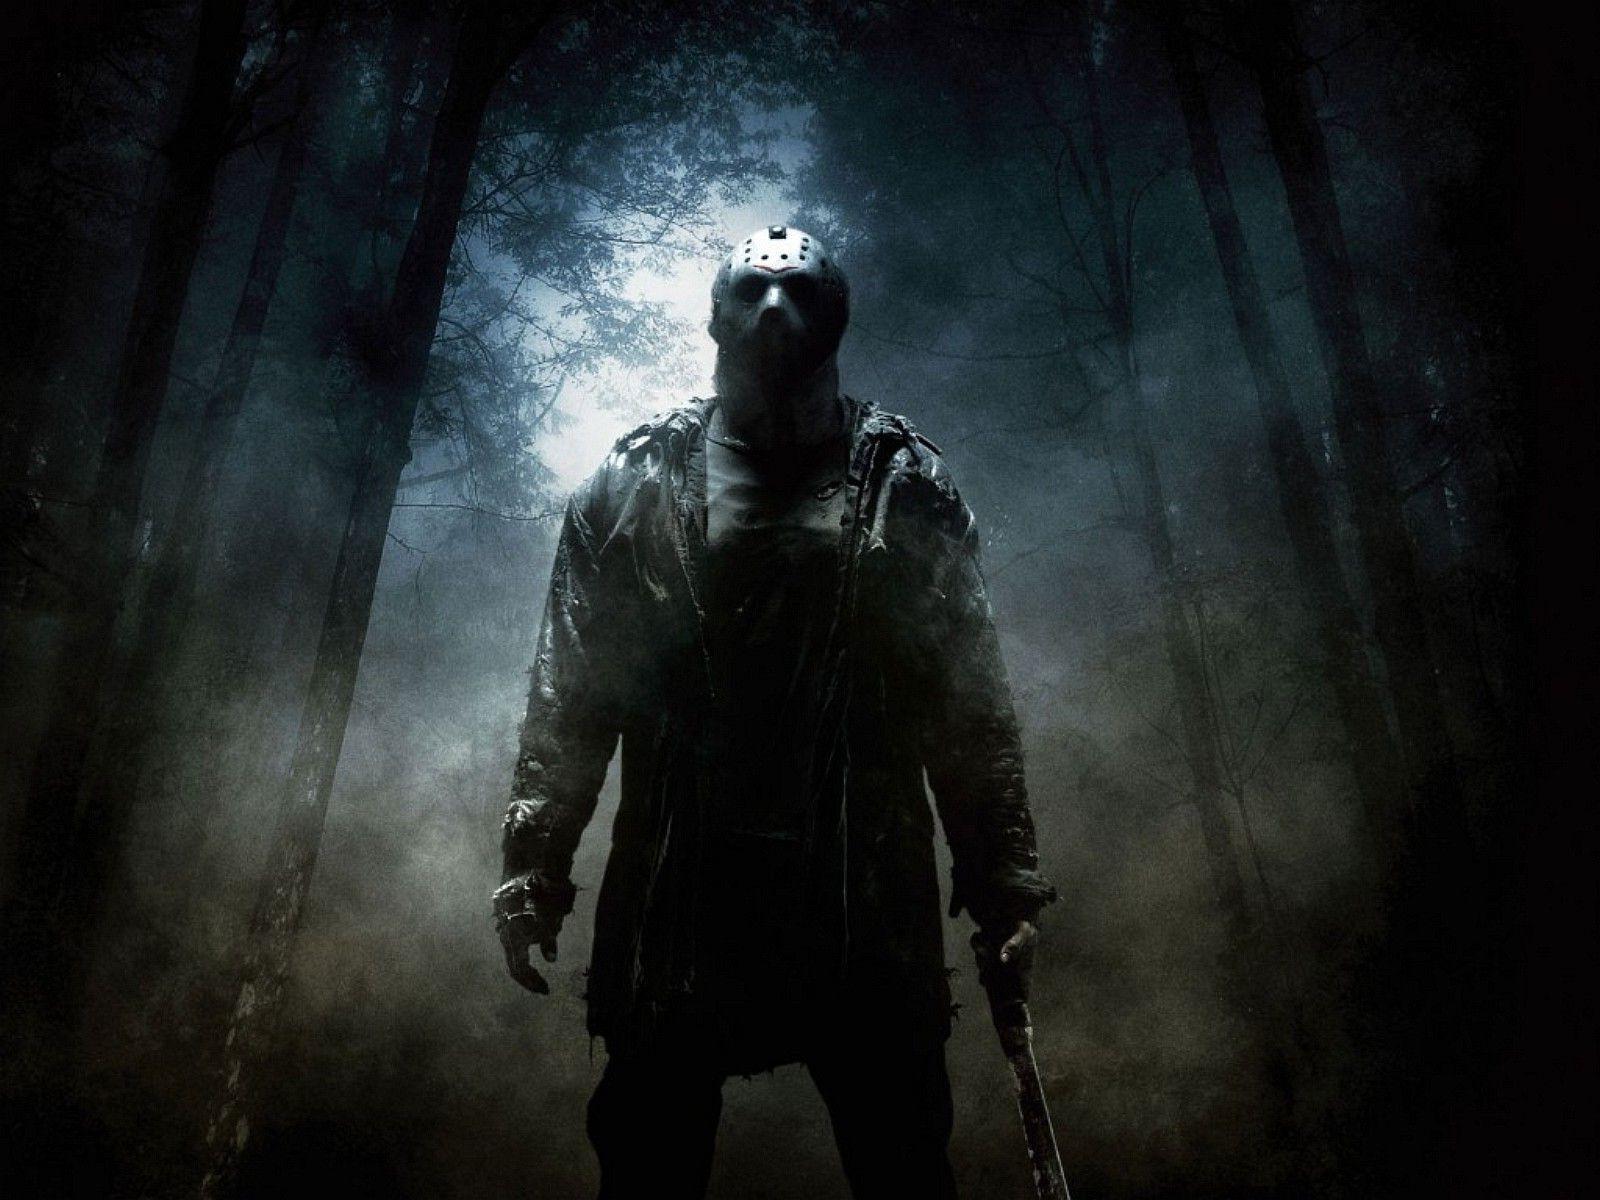 Thủ ngay bí kíp thoát chết trong phim kinh dị qua 7 hành động thiếu muối của các nhân vật chính - Ảnh 5.